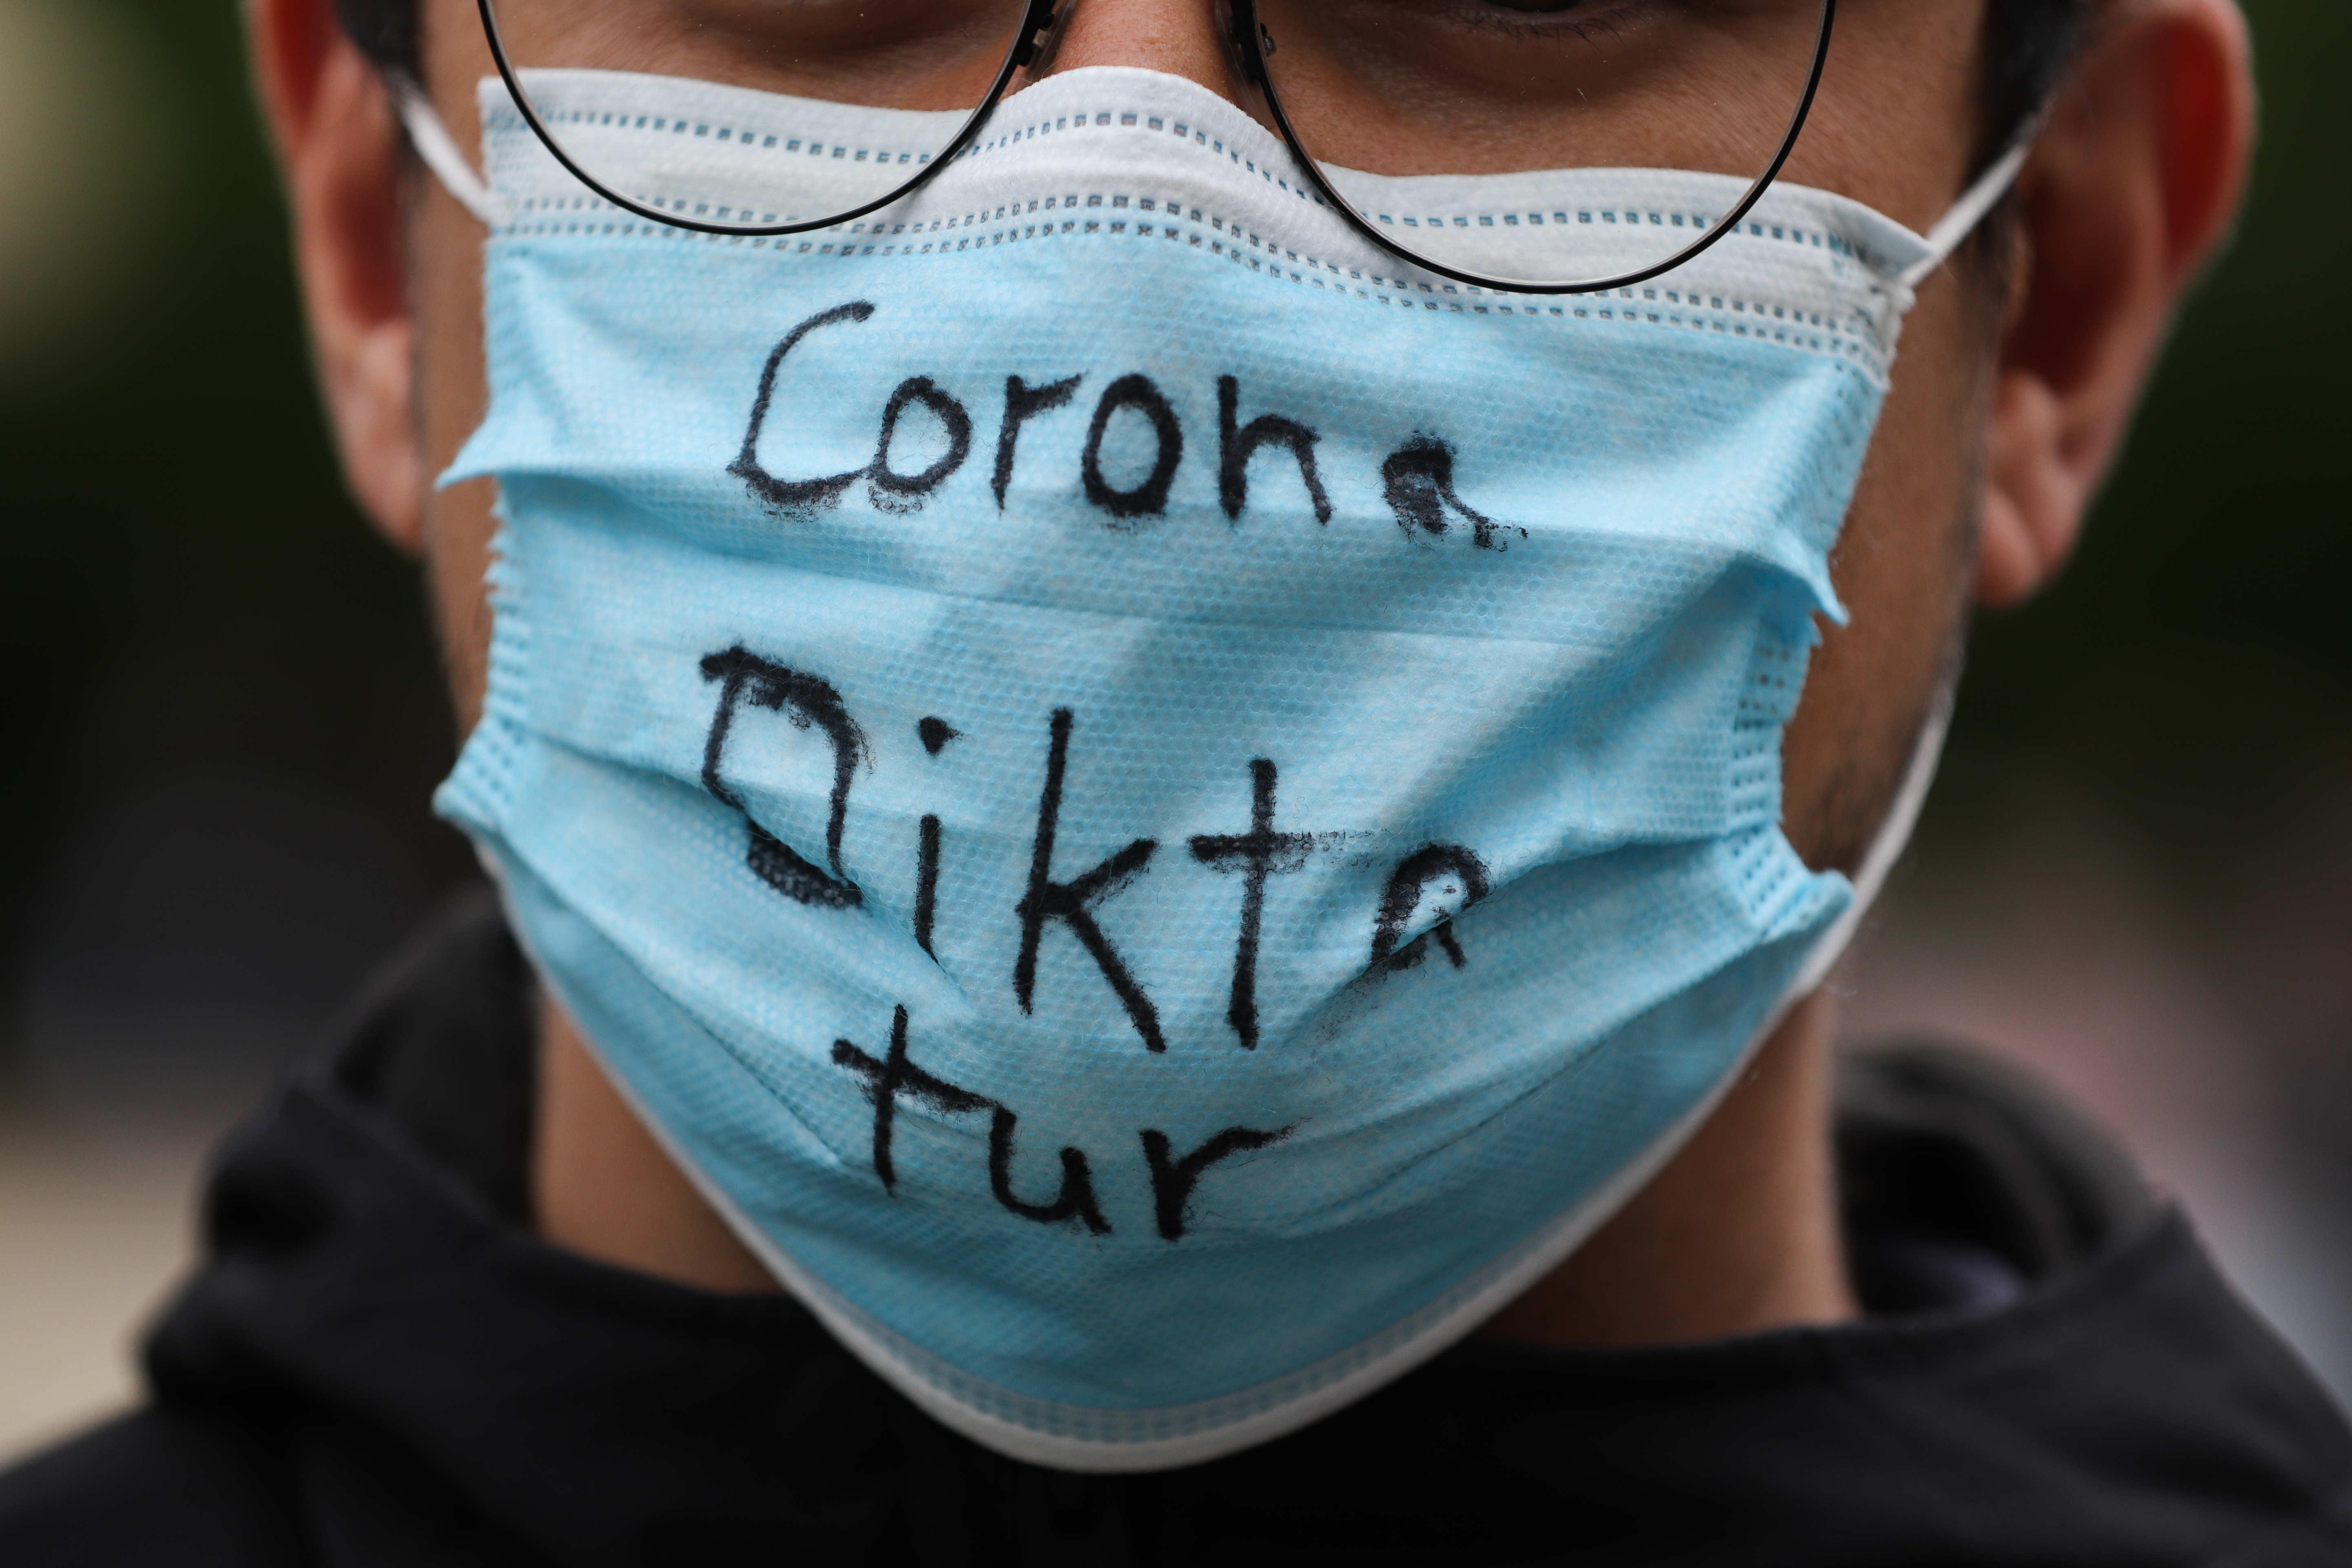 Blätter-Podcast | Corona-Verschwörungsmythen, Armut, Gender-Care-Gap und Green Deal – Wie muss es nach Corona weitergehen? | detektor.fm – Das Podcast-Radio